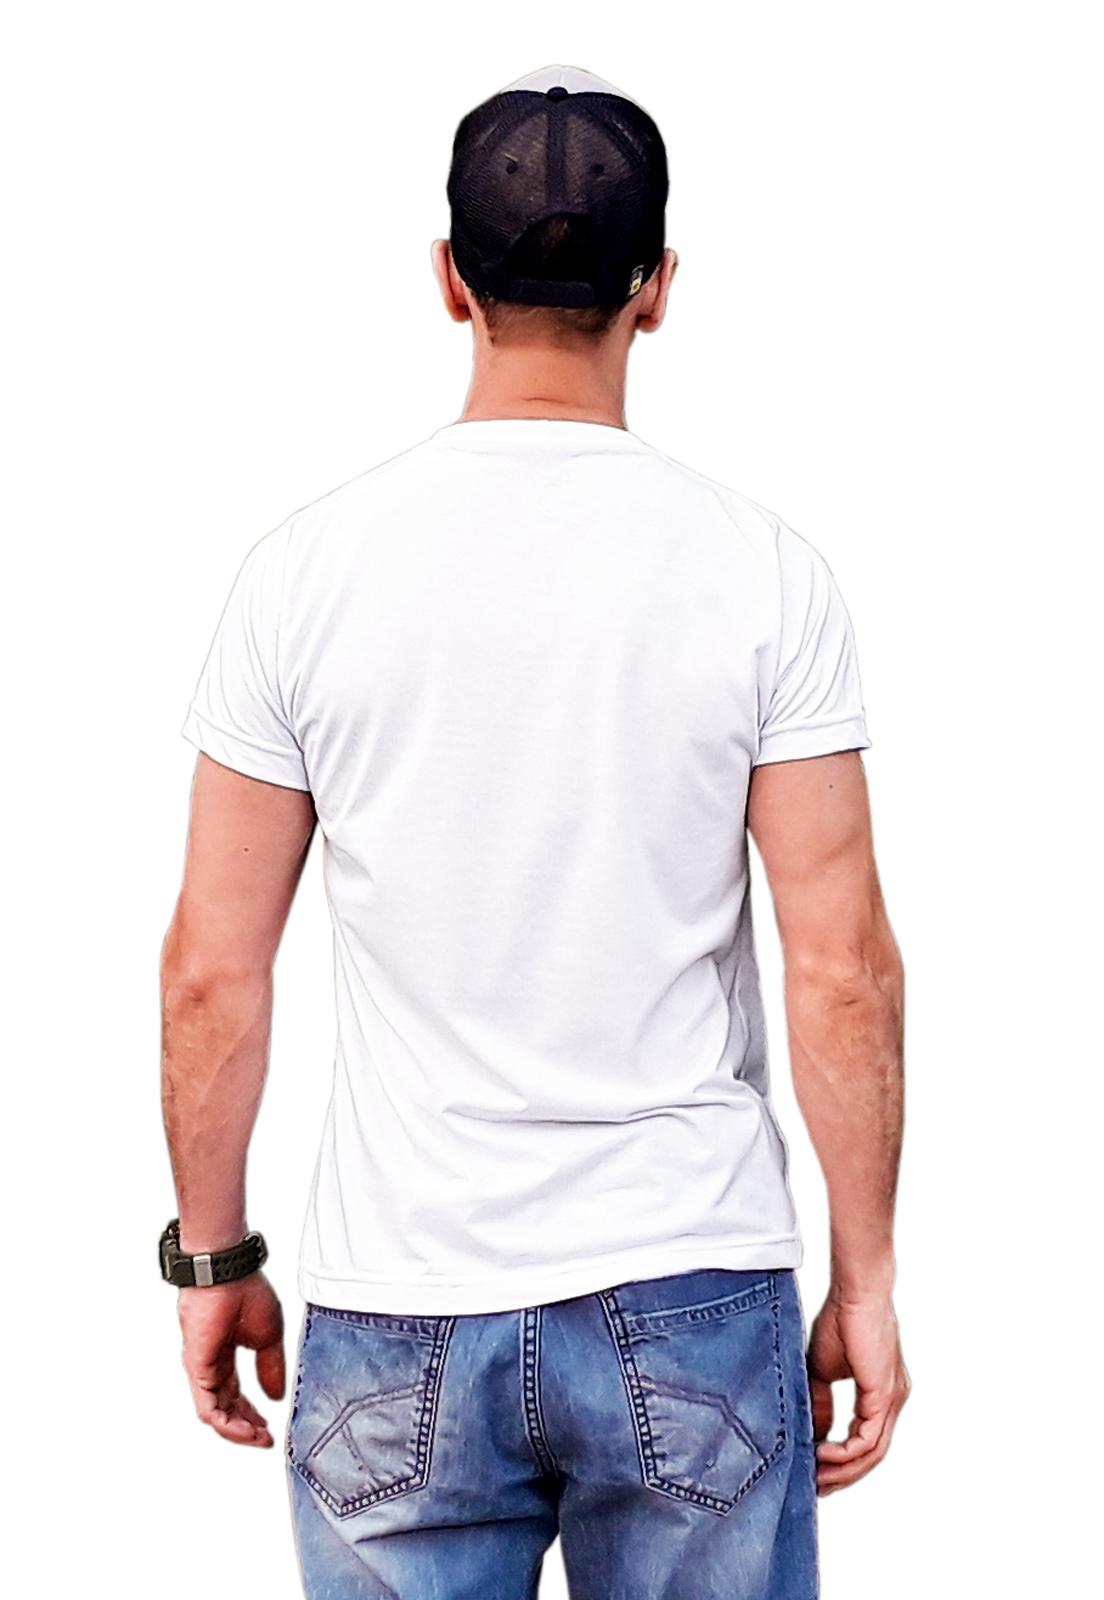 Kit camiseta sustentável mar remar e amar c/2 peças economize 30 reais